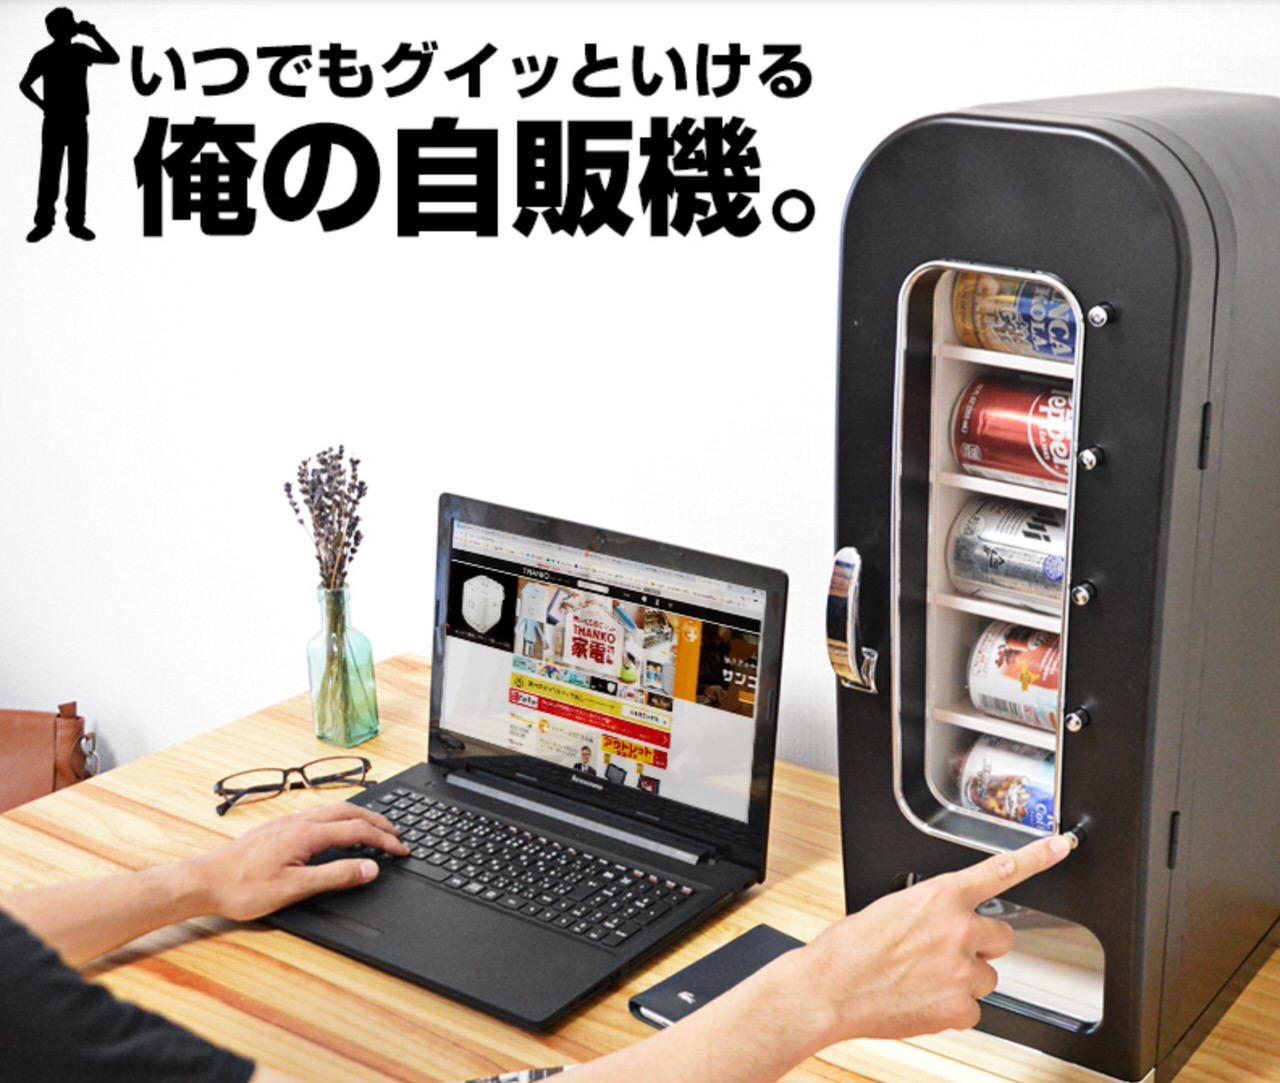 部屋に置ける自動販売機スタイルの保冷庫「俺の自販機」